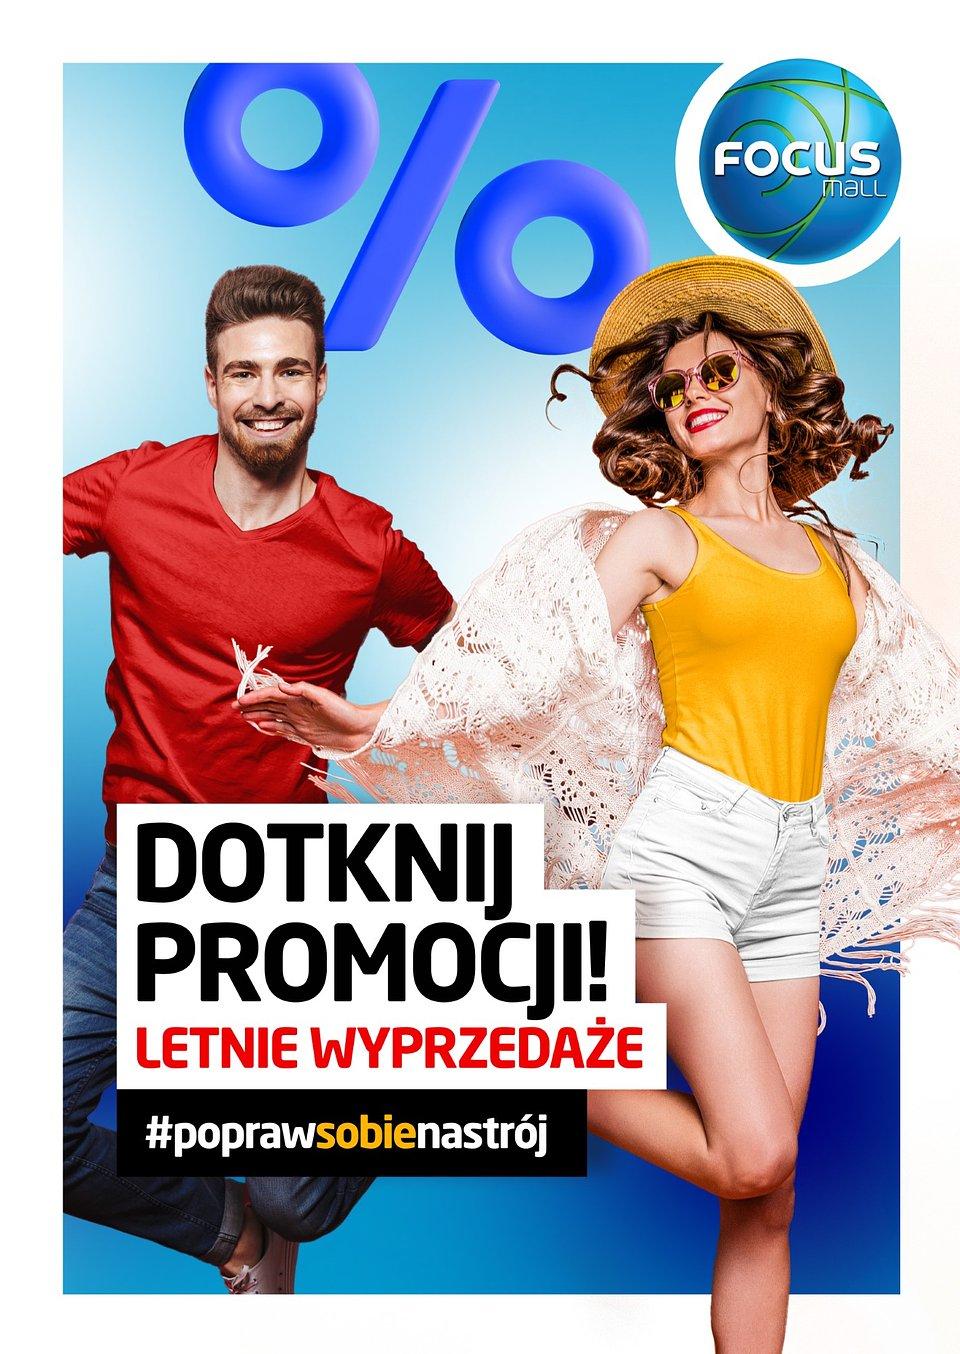 FocusZG_210628_letnie promocje_A0.jpg